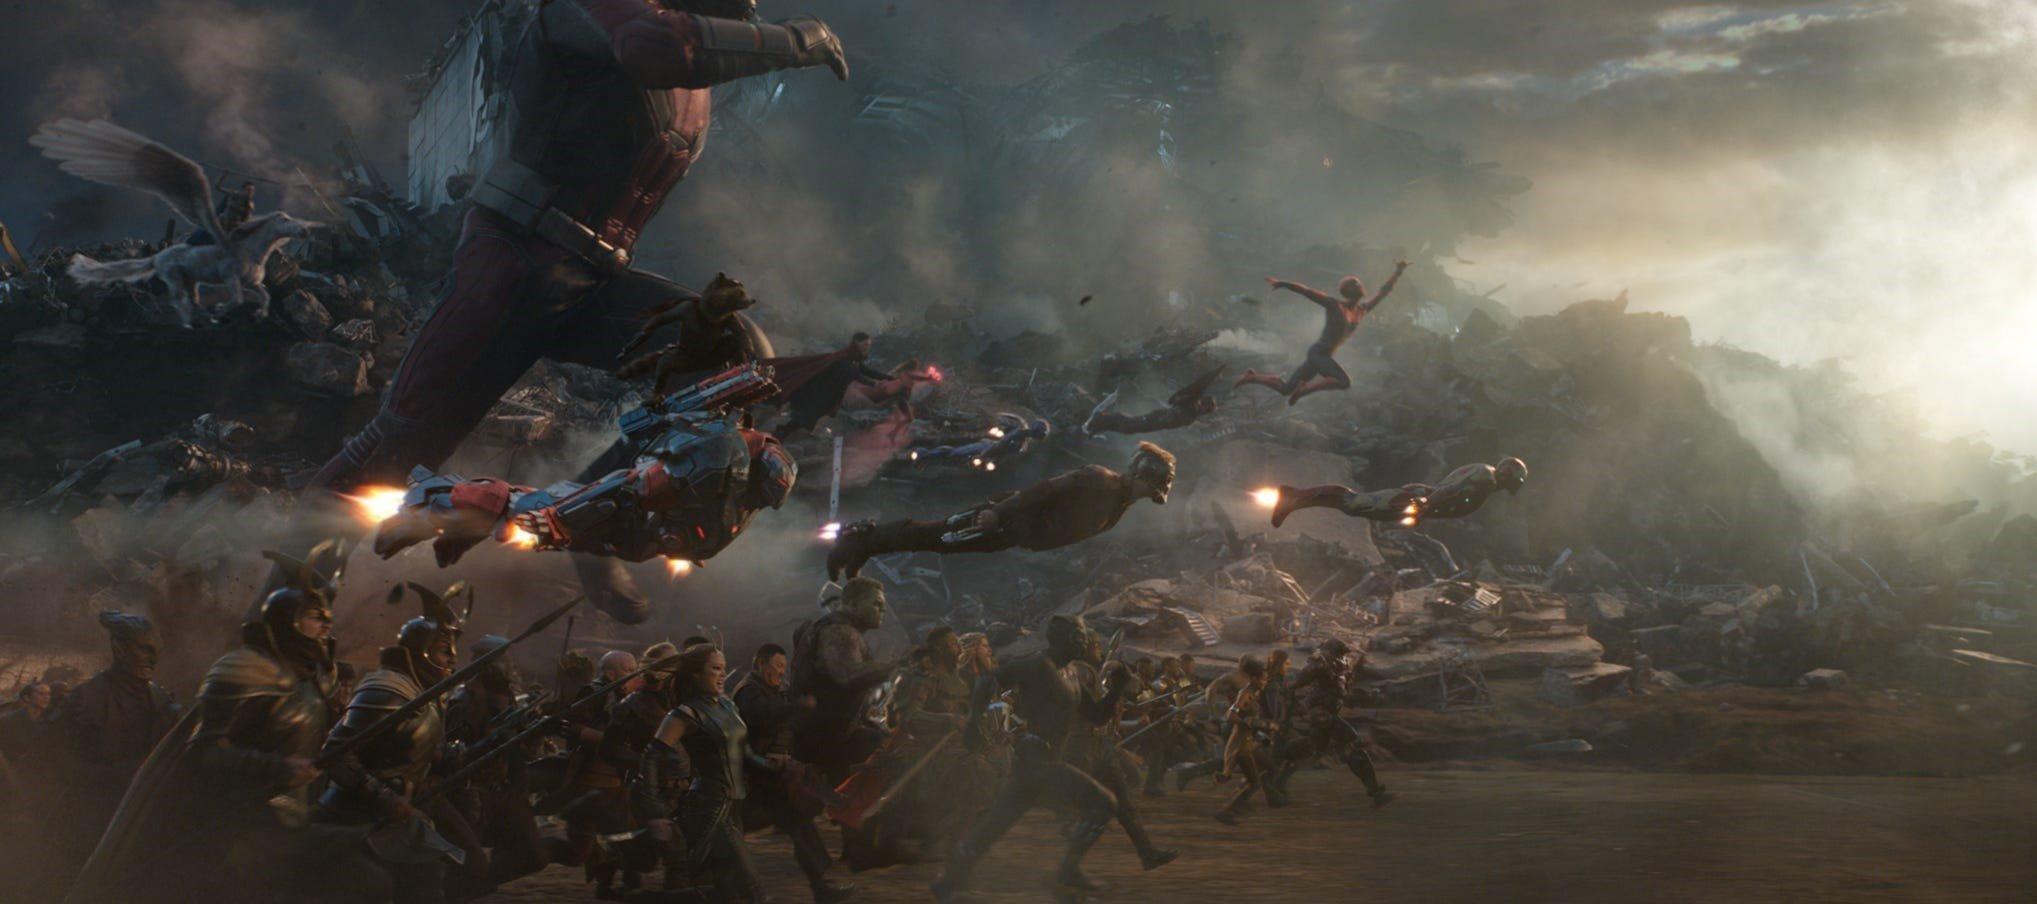 Best Avengers: Endgame Merchandise One Year On